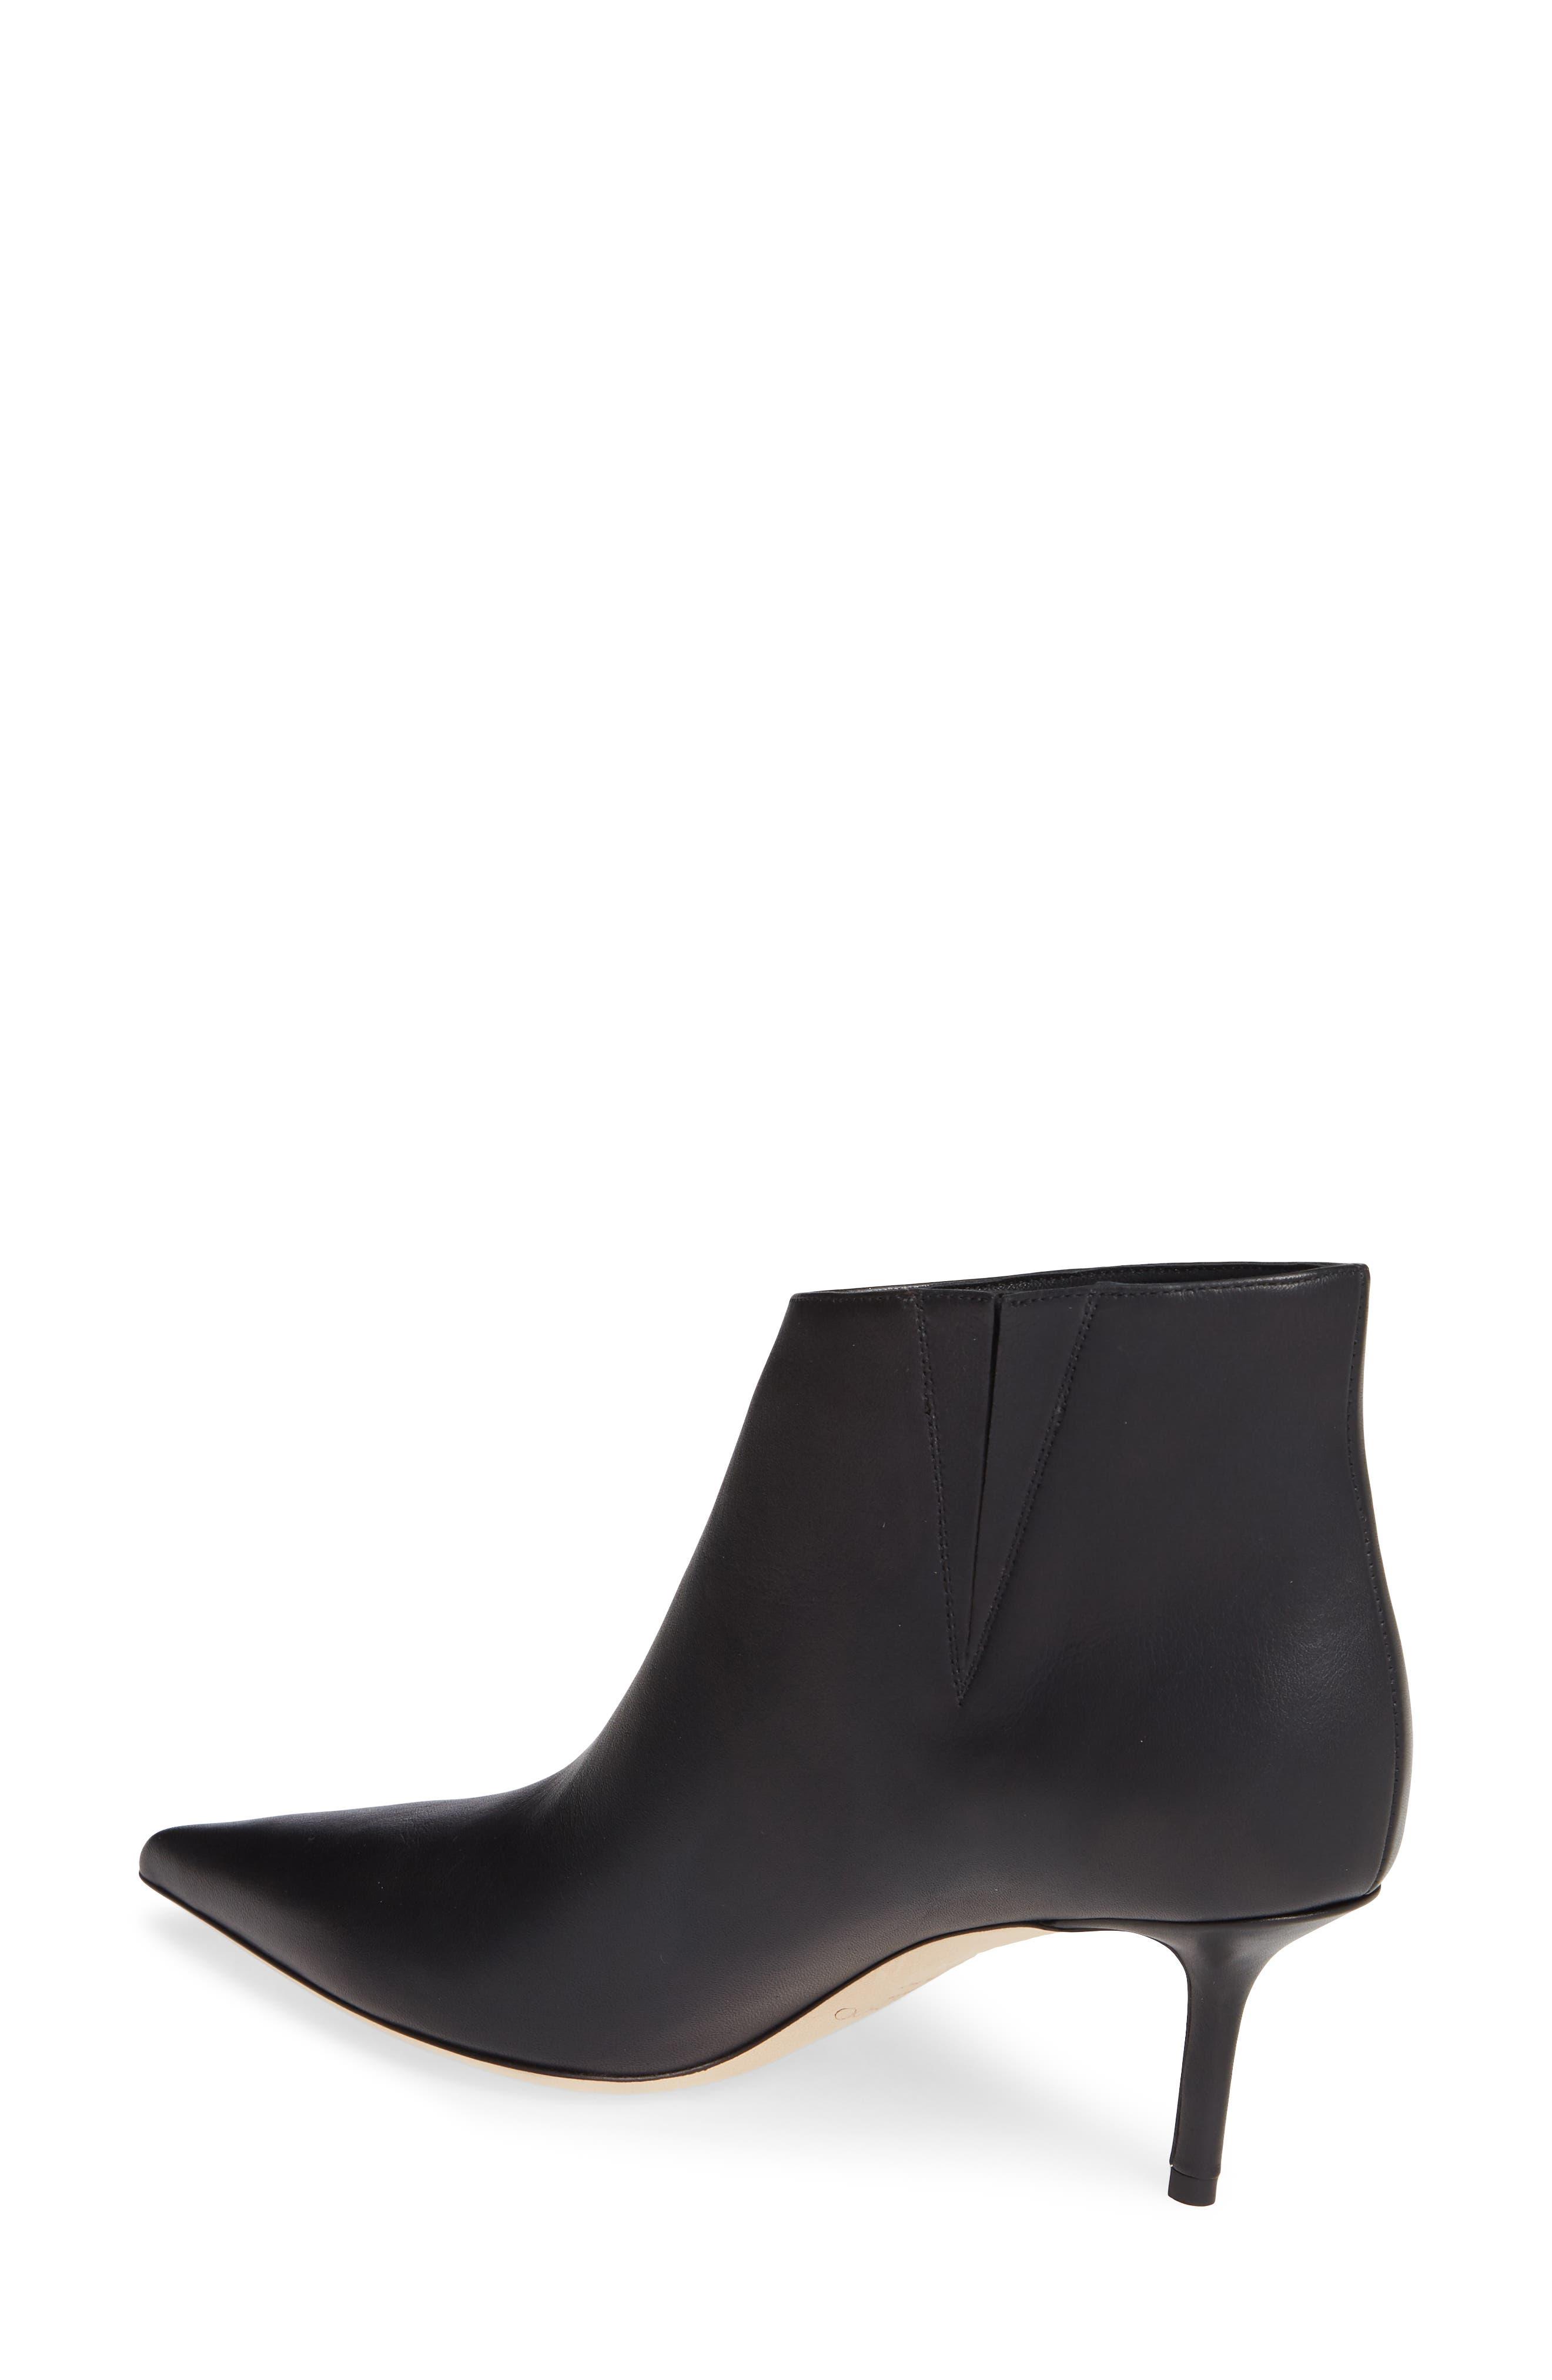 c7d93c68a40a Jimmy Choo Women s Shoes